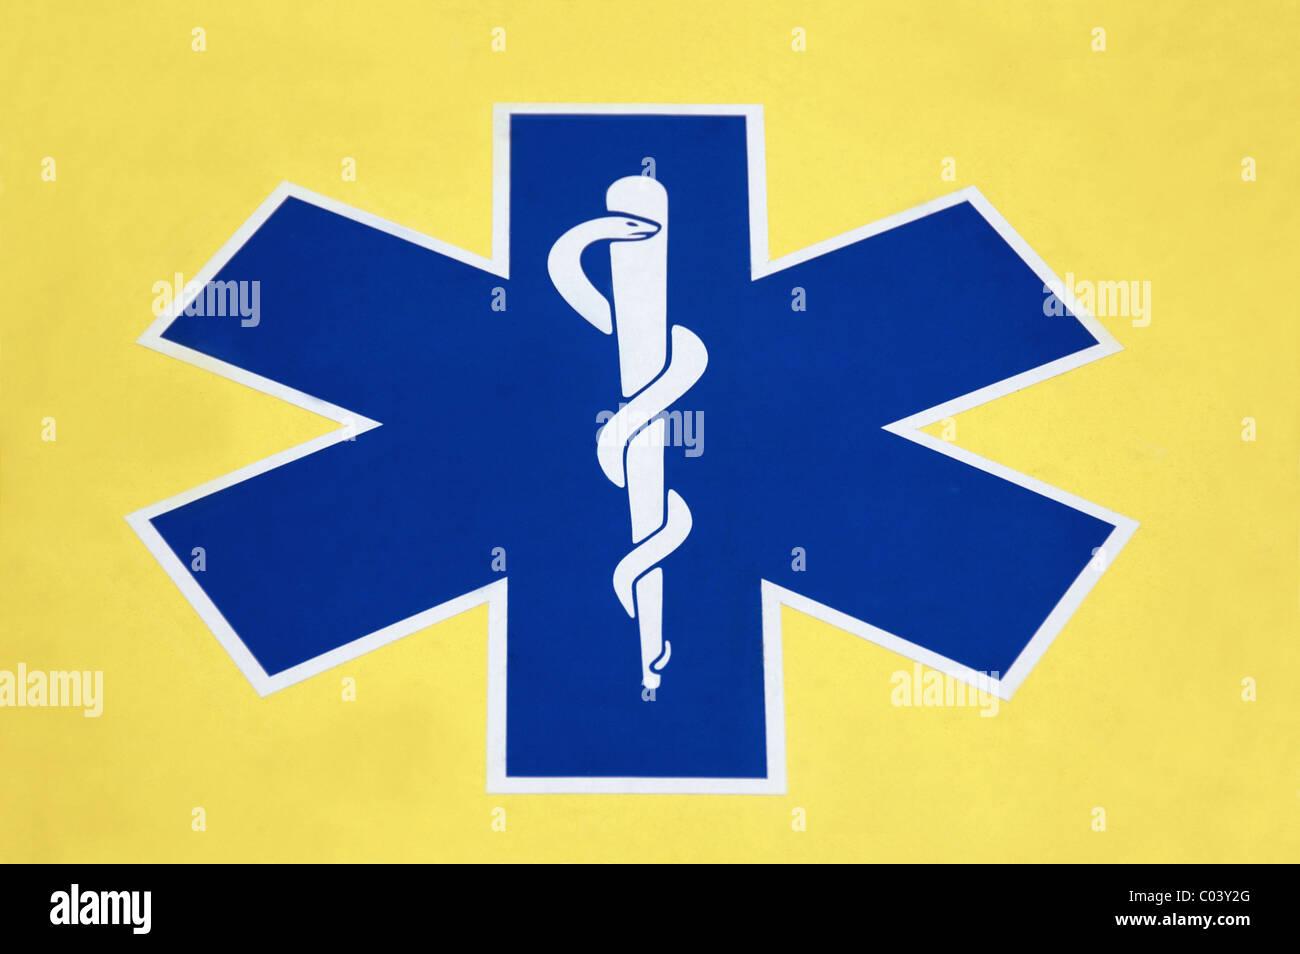 Caduceus, Snake and Staff symbol on front of ambulance, London, UK - Stock Image